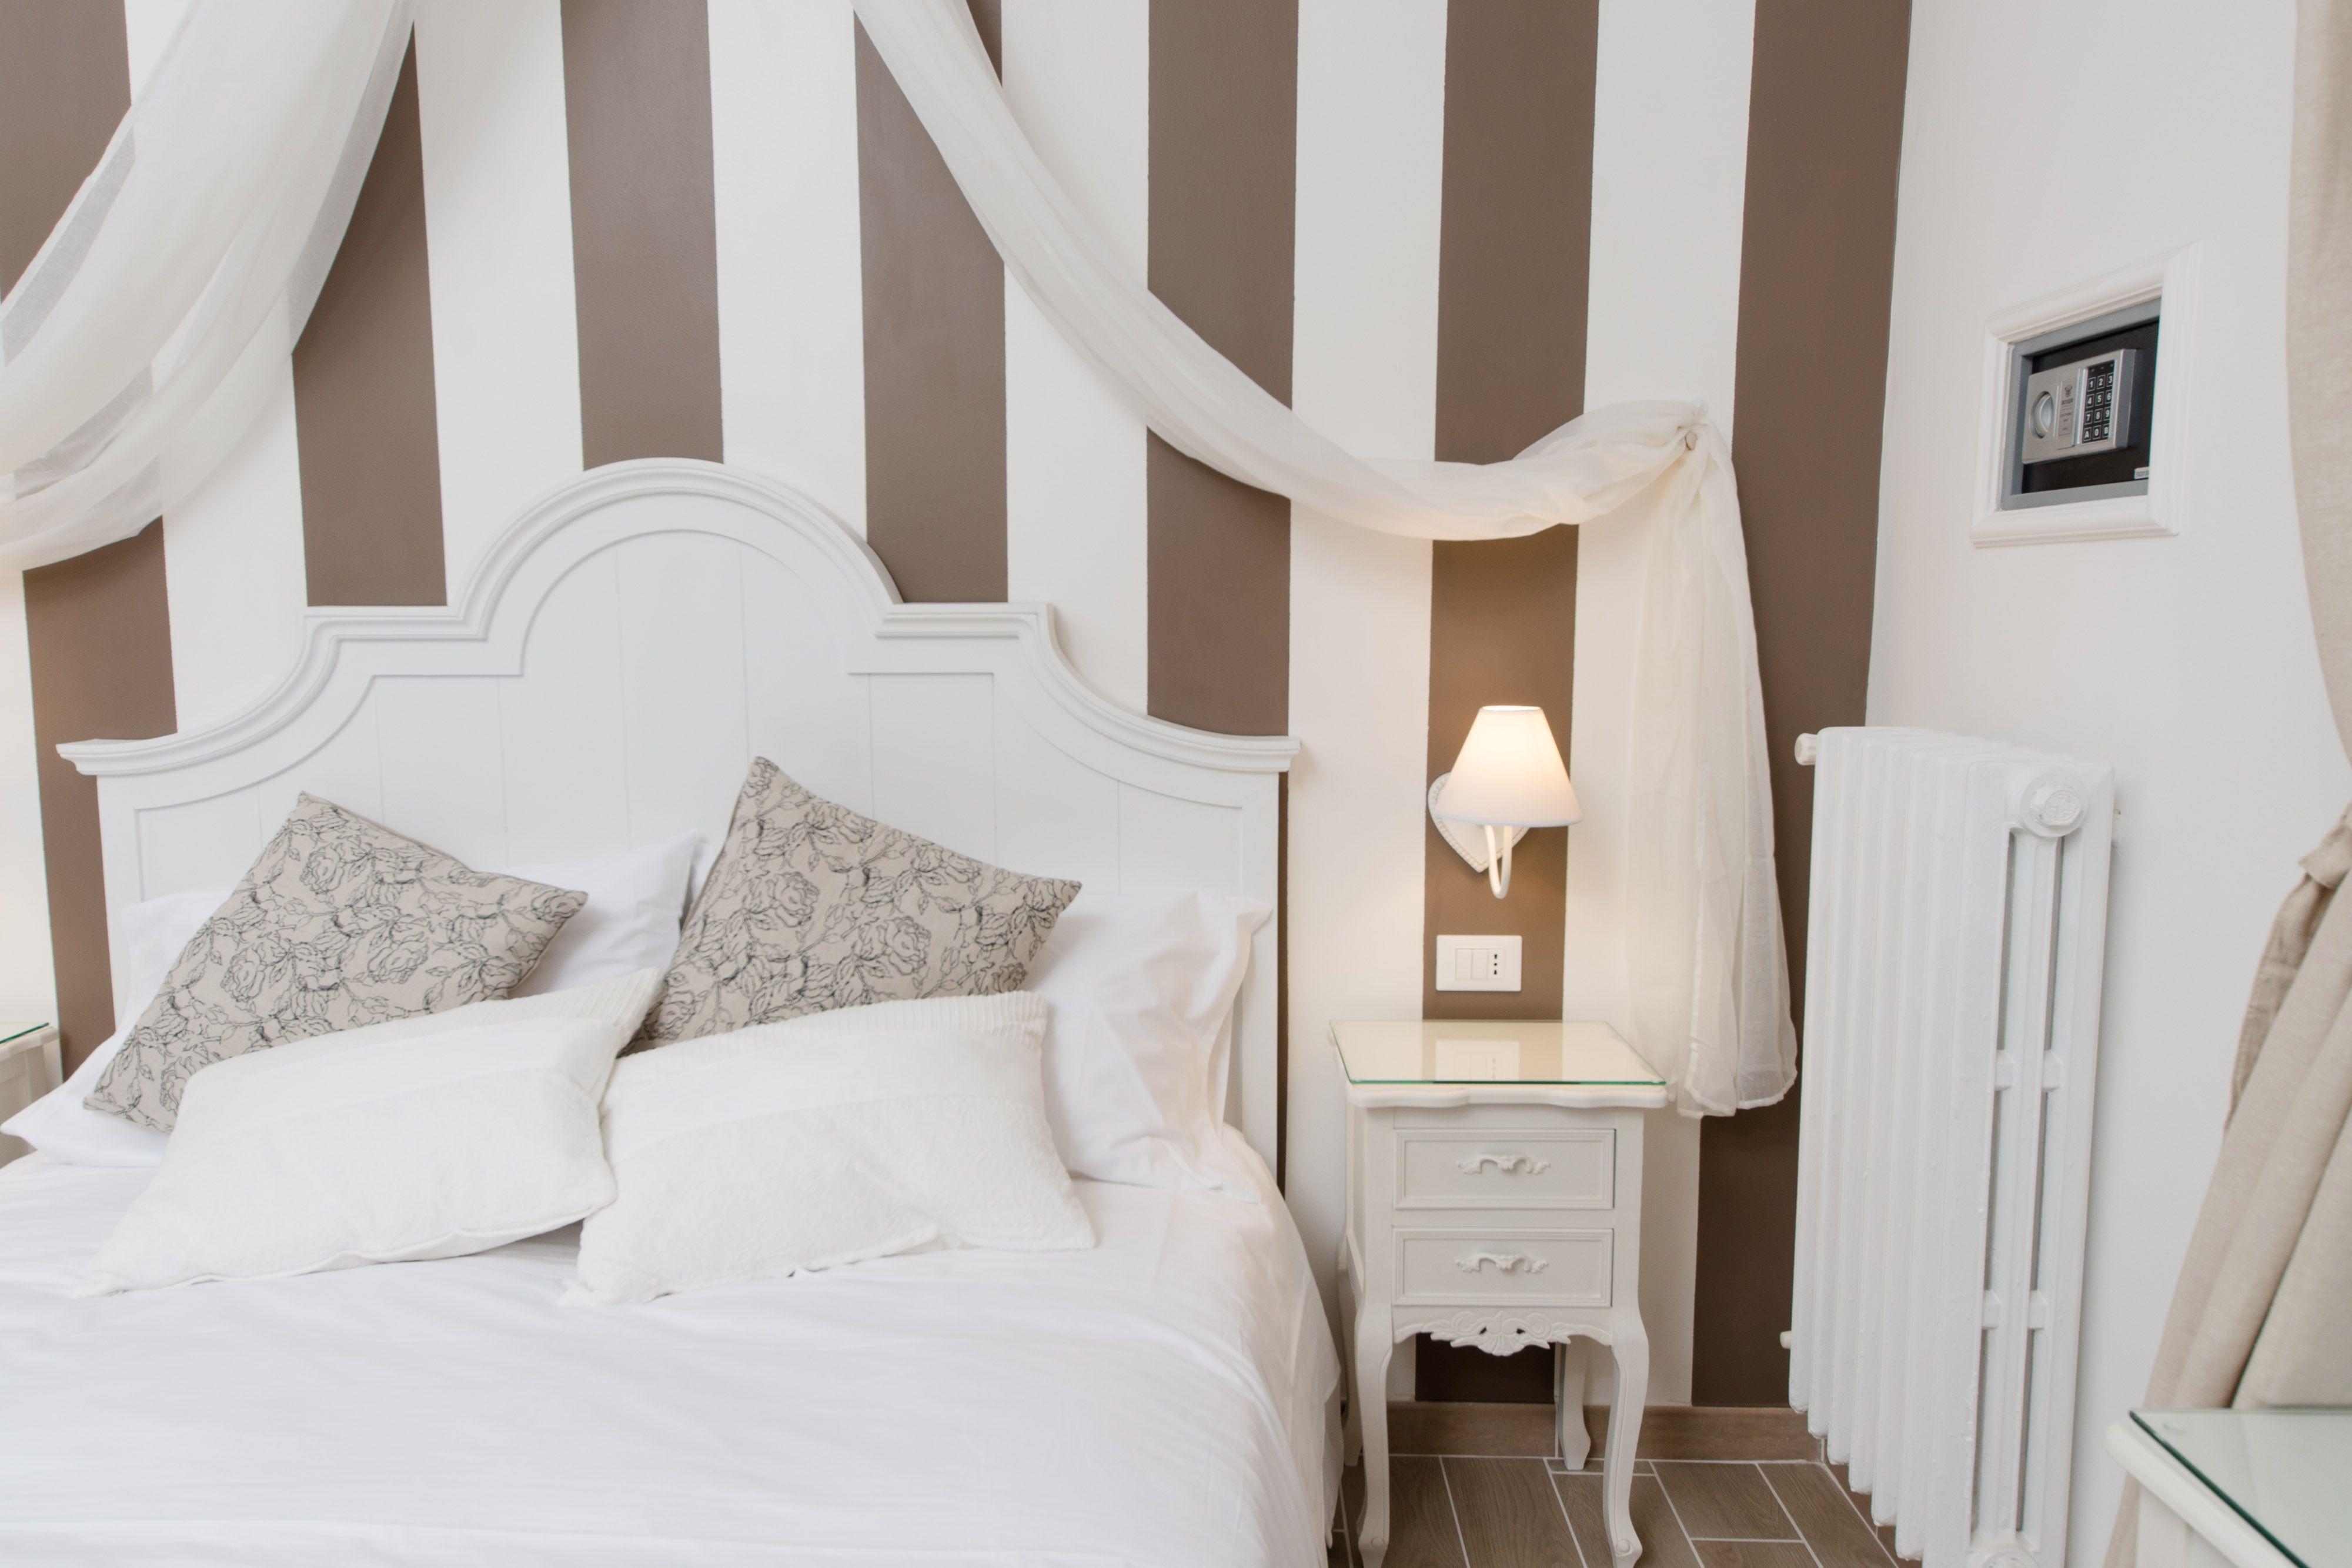 Soggiorno Shabby ~ Room shabby suite with bathroom private soggiorno romantico in